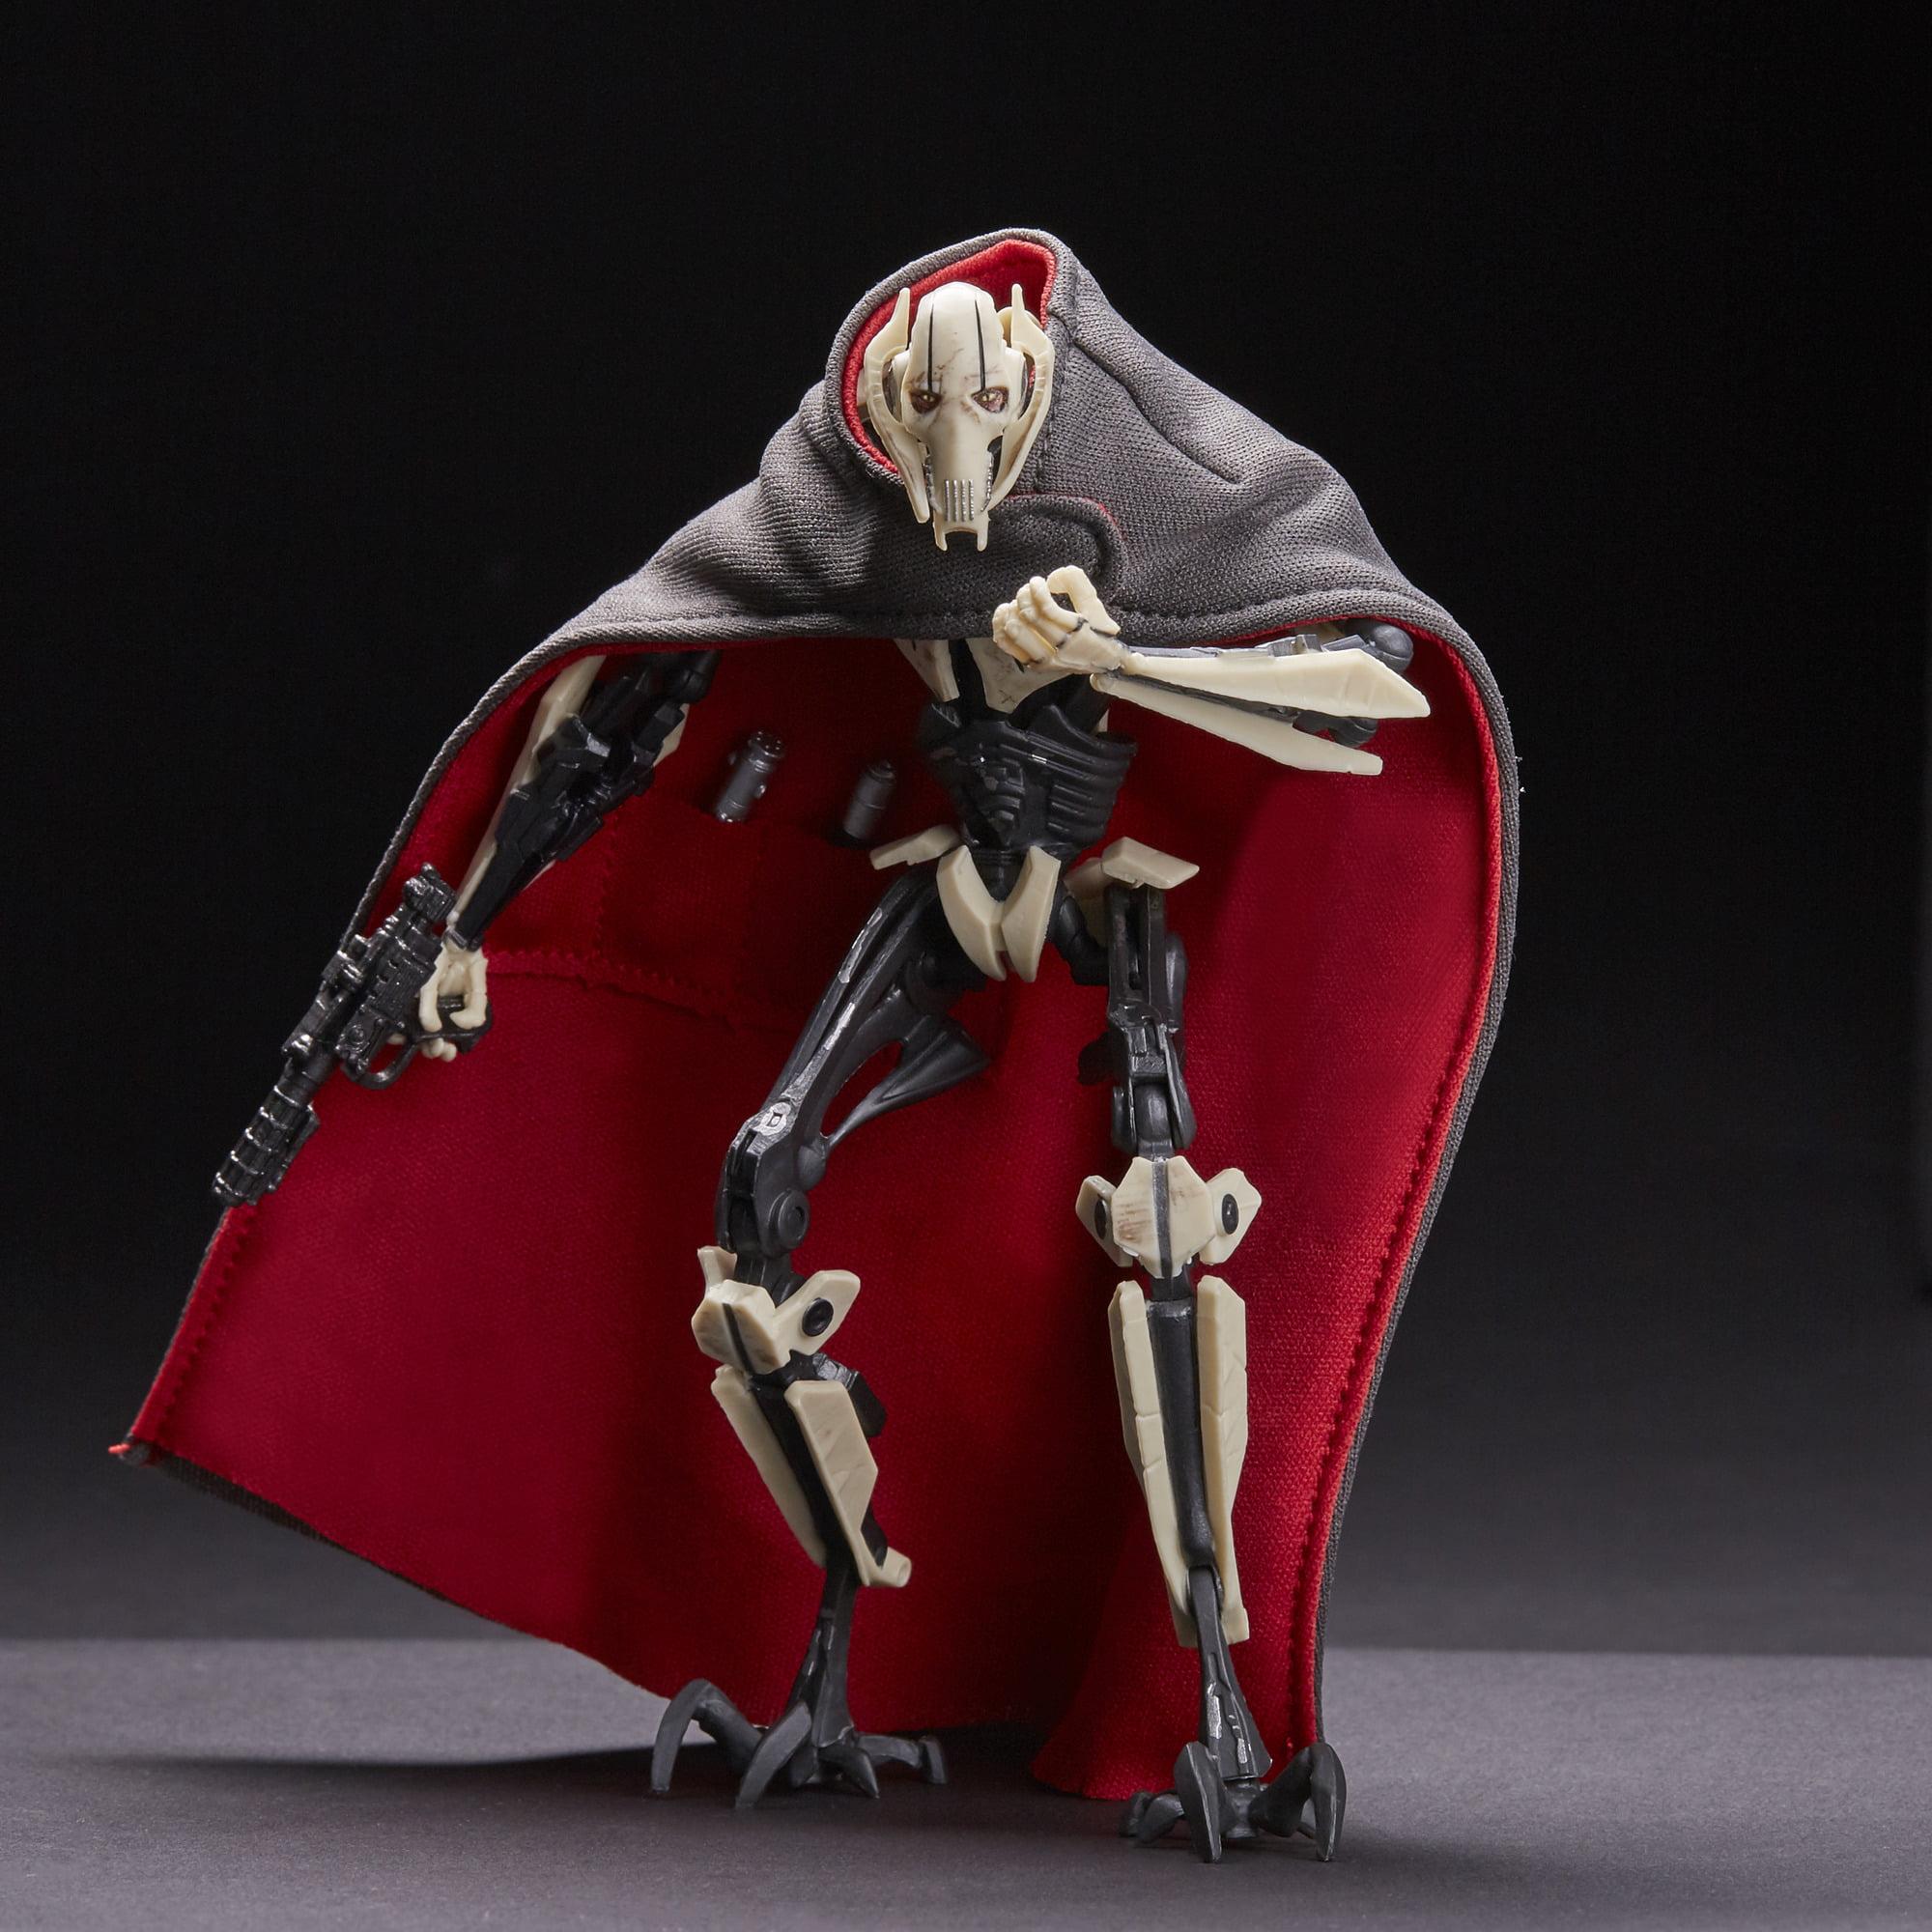 Star Wars Black Series General Grievous Deluxe Action Figure